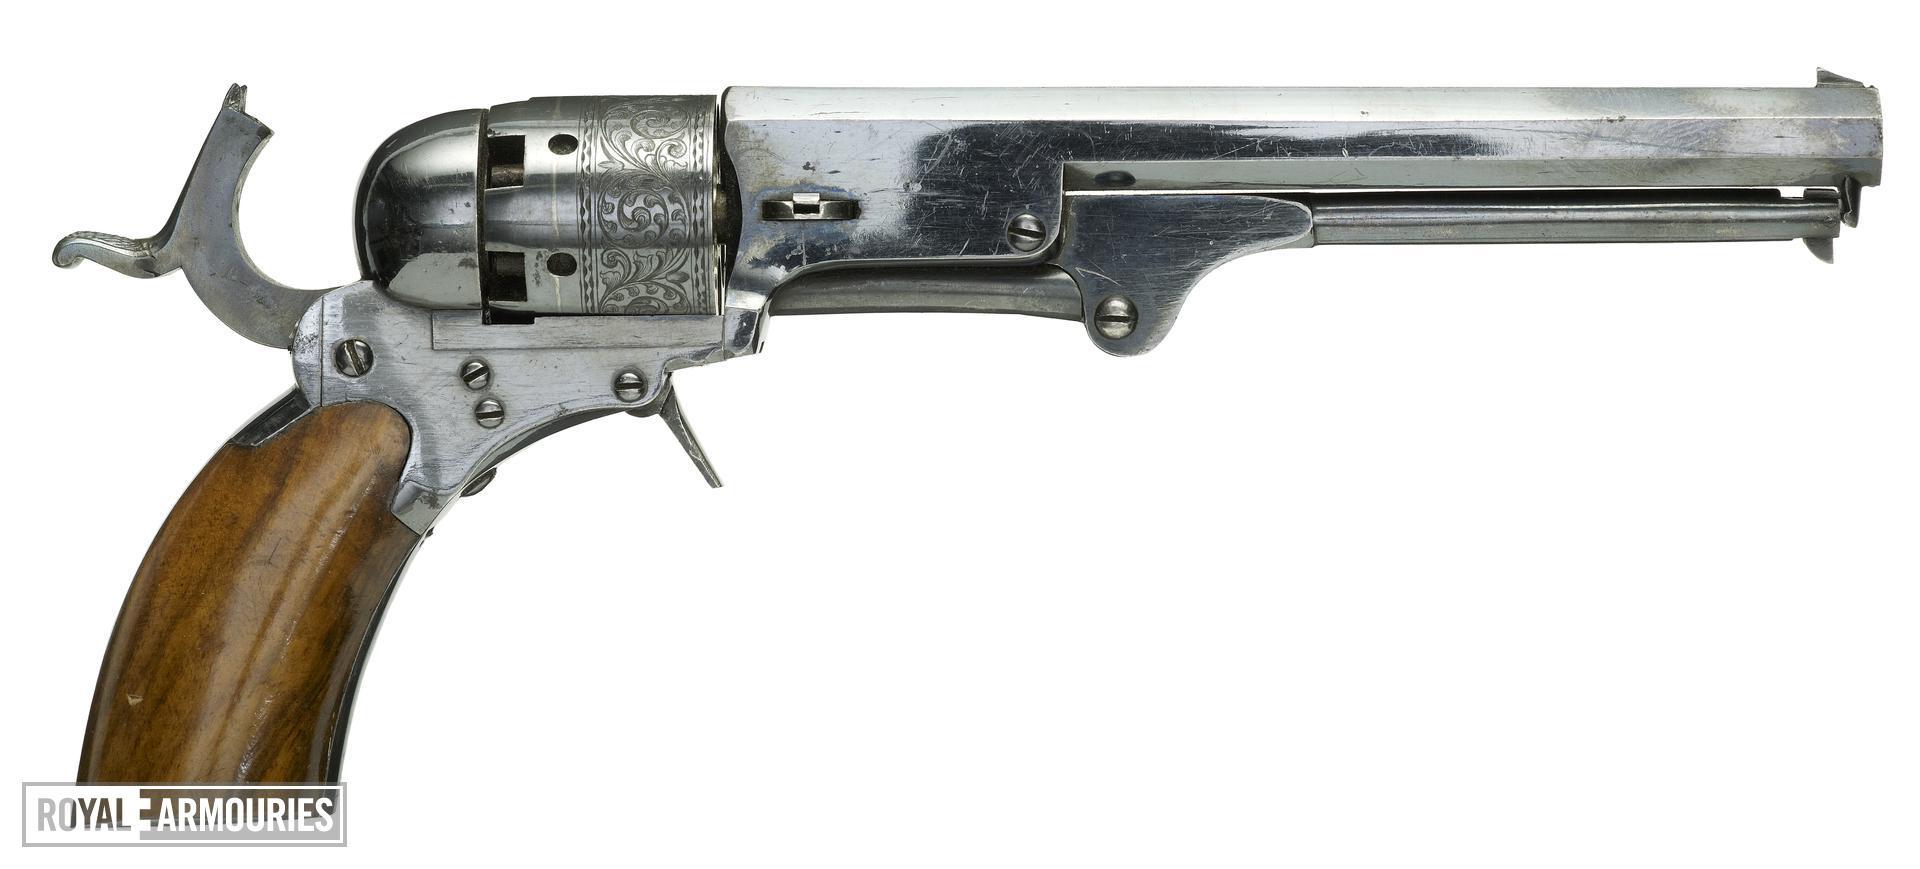 Percussion five-shot revolver - Paterson Texas type